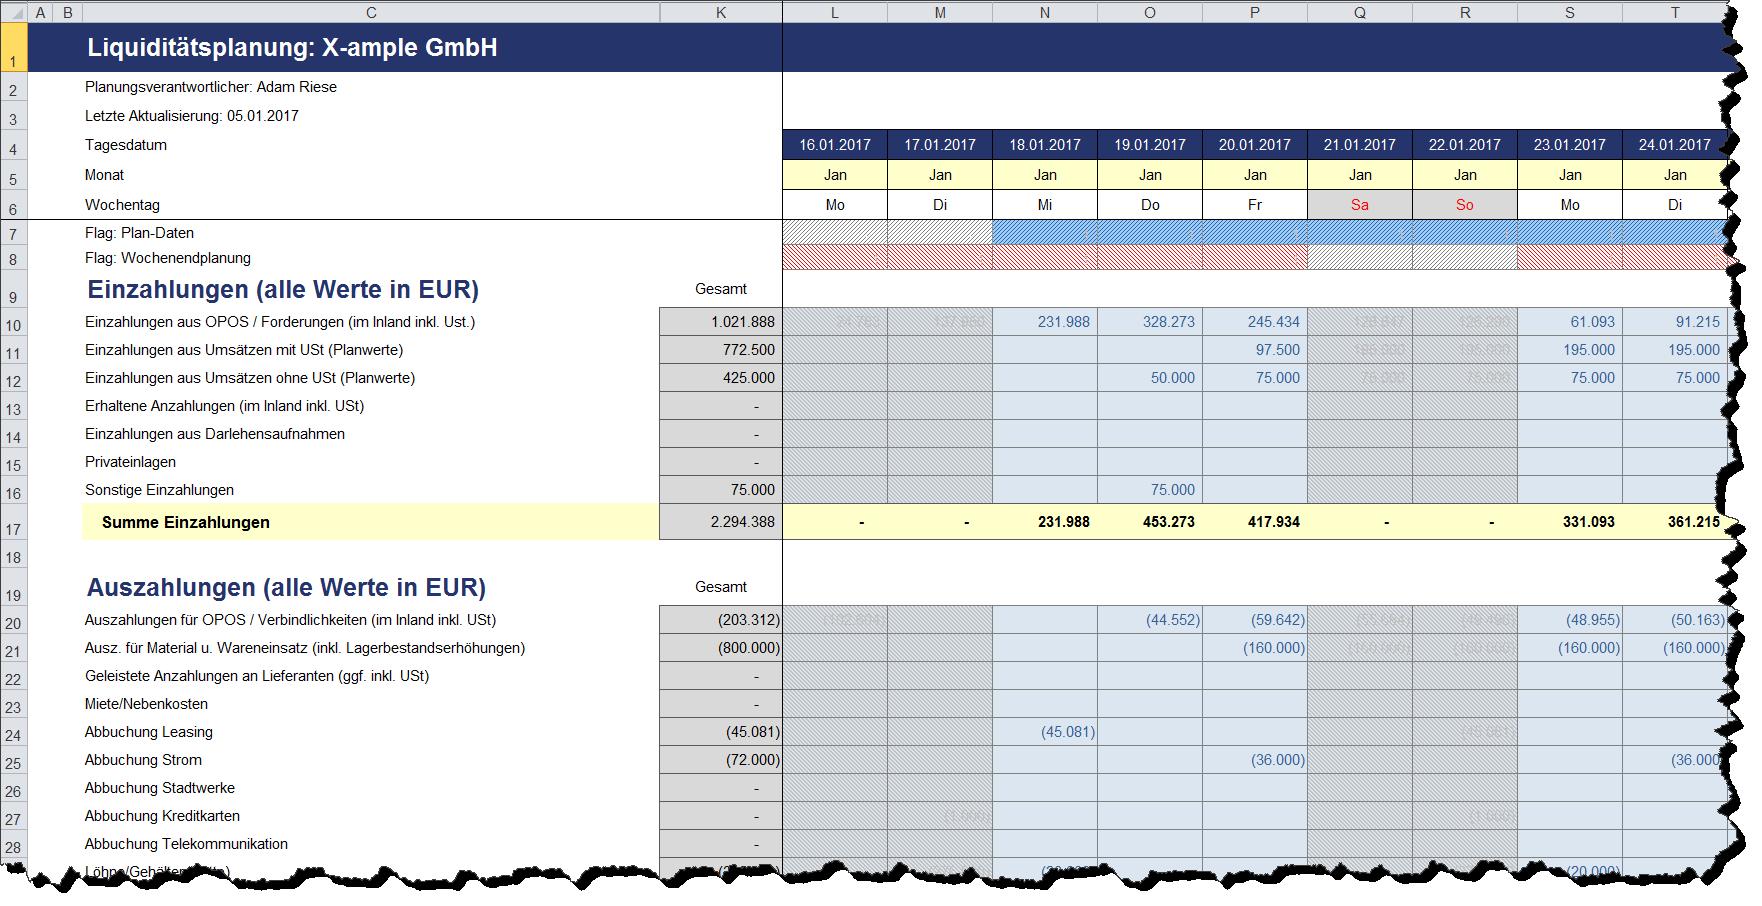 Berühmt Tägliche Aufgabe Vorlage Excel Fotos - Entry Level Resume ...